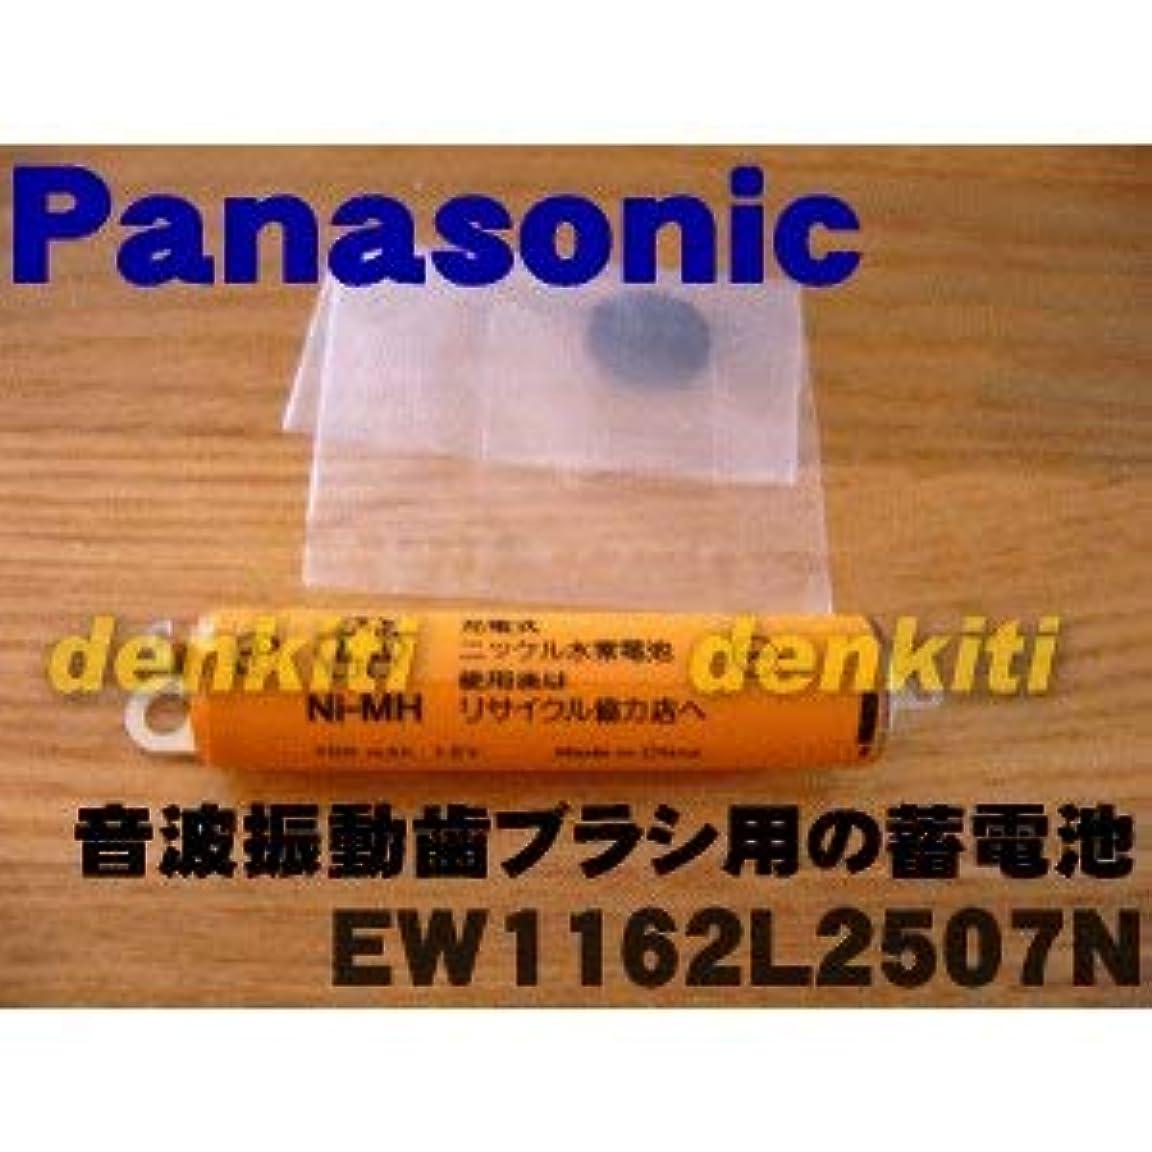 ハドル明らかに真向こうパナソニック Panasonic 音波振動ハブラシ Doltz 蓄電池交換用蓄電池 EW1162L2507N